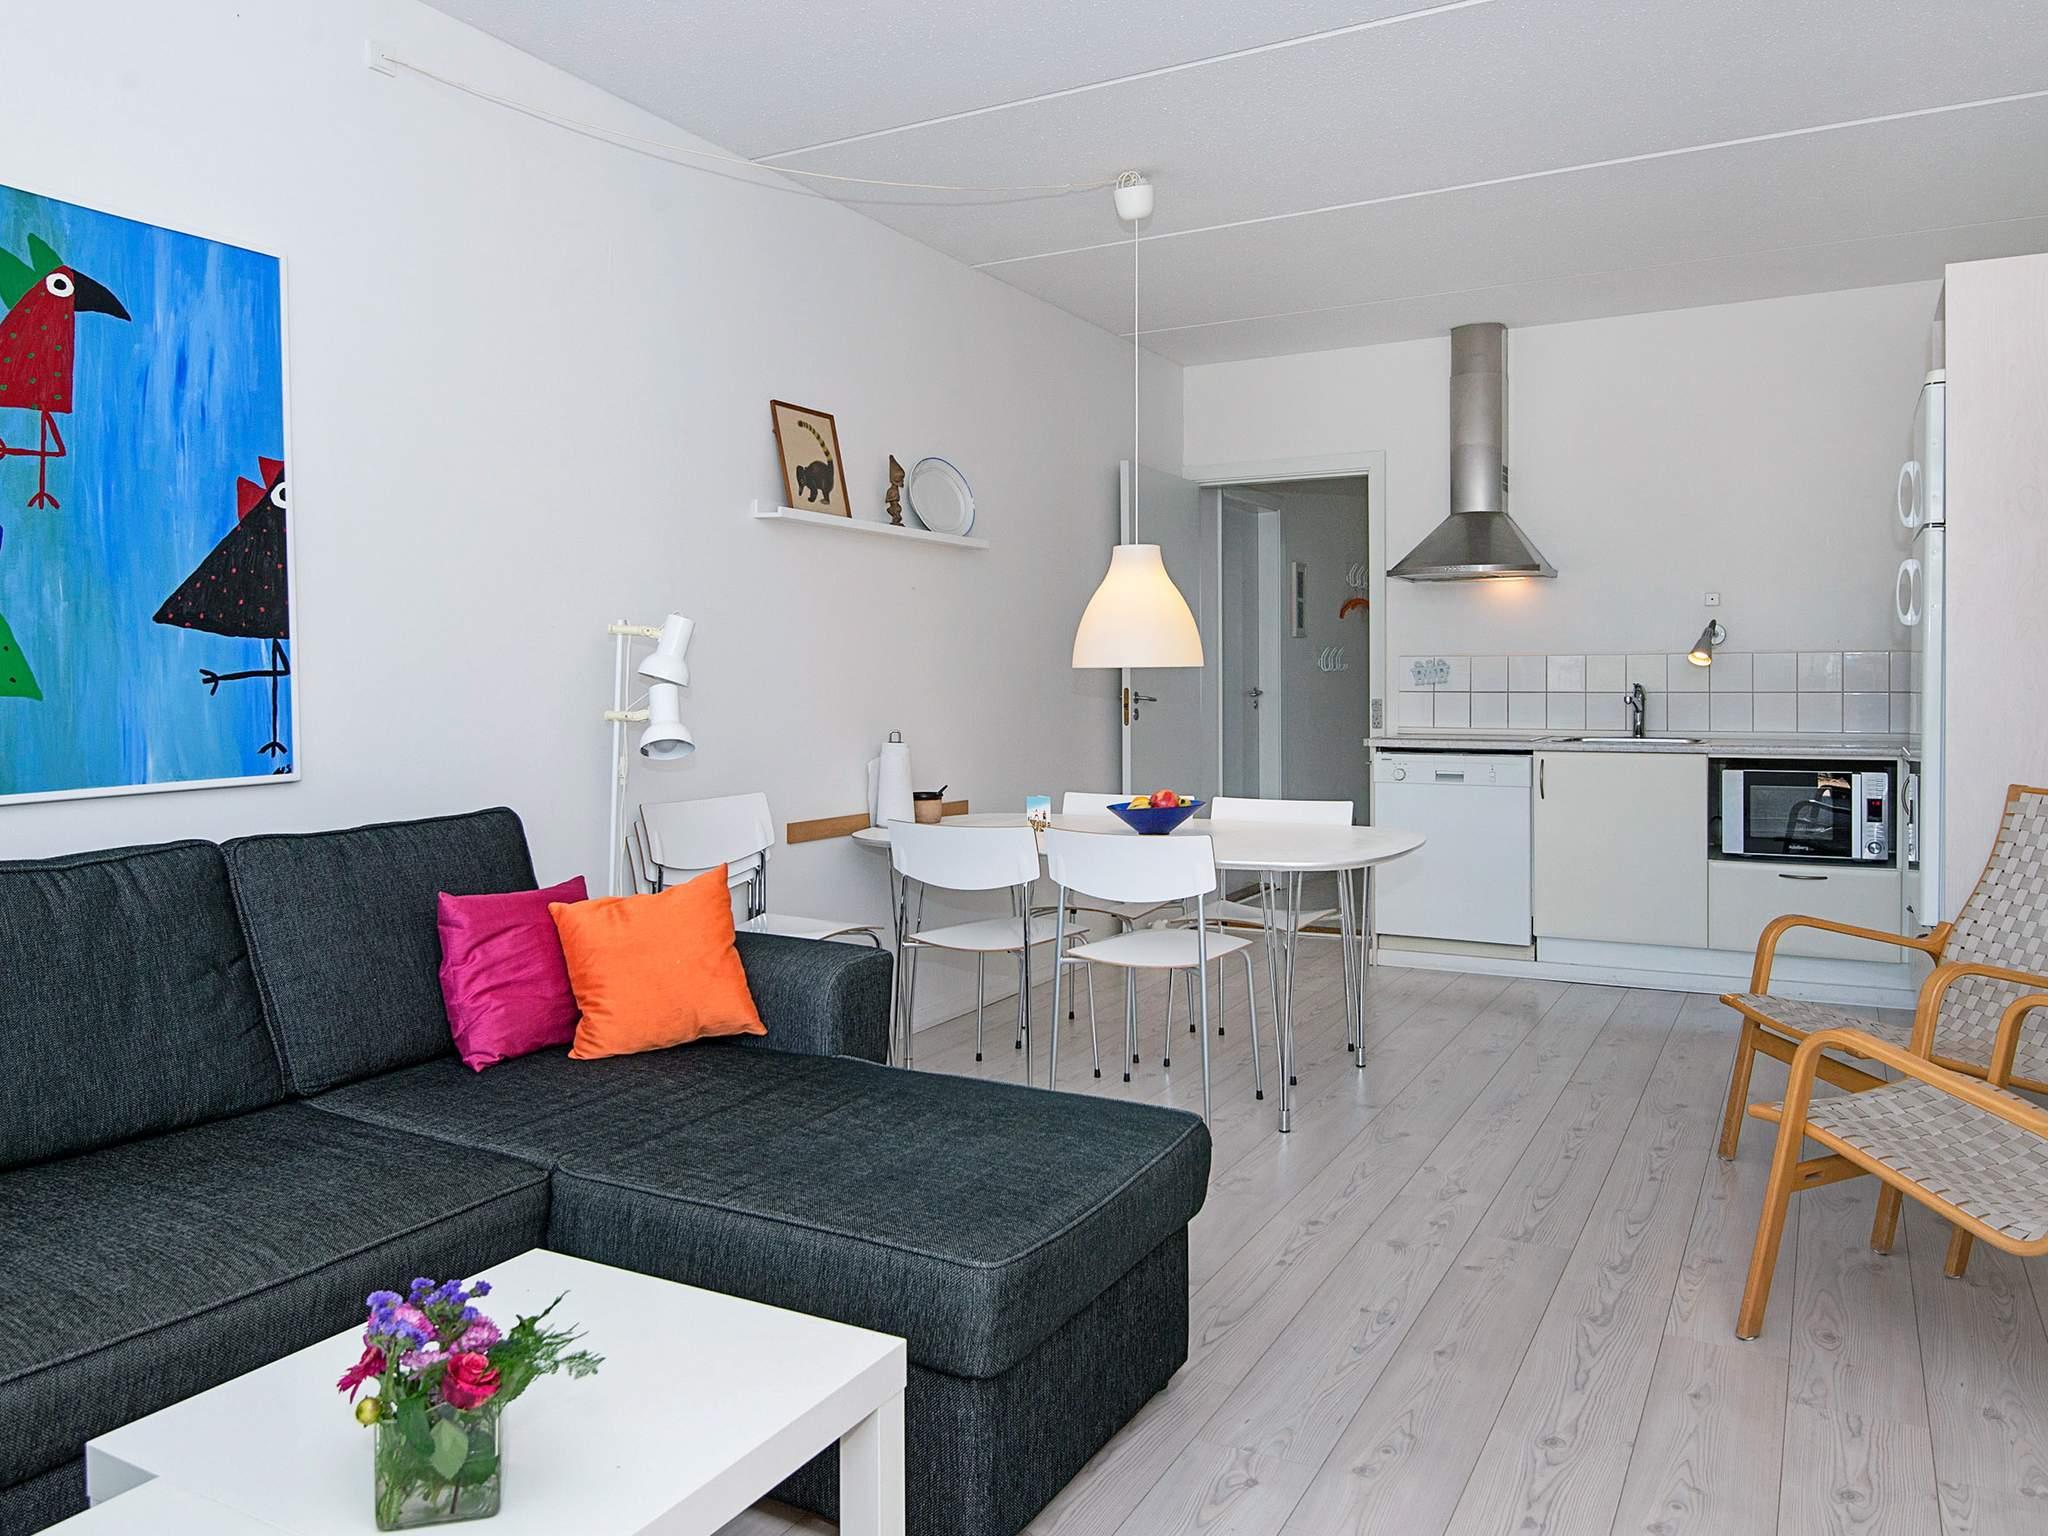 Ferienwohnung Bønnerup Strand - Typ 5 - 3 Zimmer,1.stock,Penthouse (1719346), Bønnerup, , Ostjütland, Dänemark, Bild 11